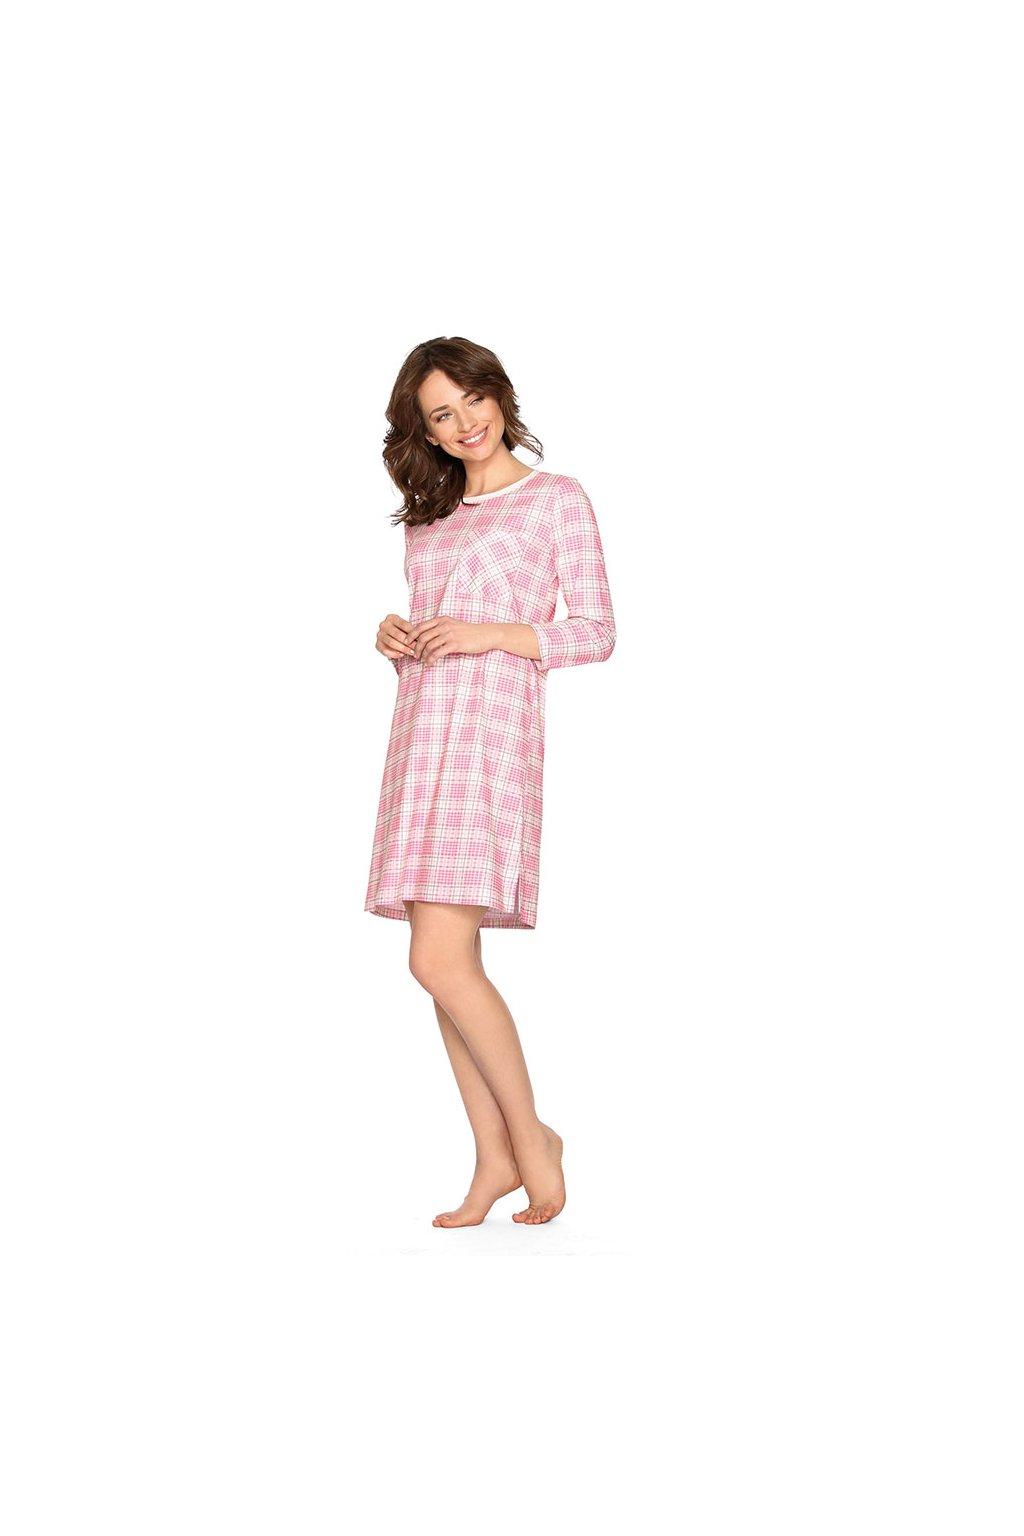 Dámská noční košile se 7/8 rukávem, 104462 366, růžová